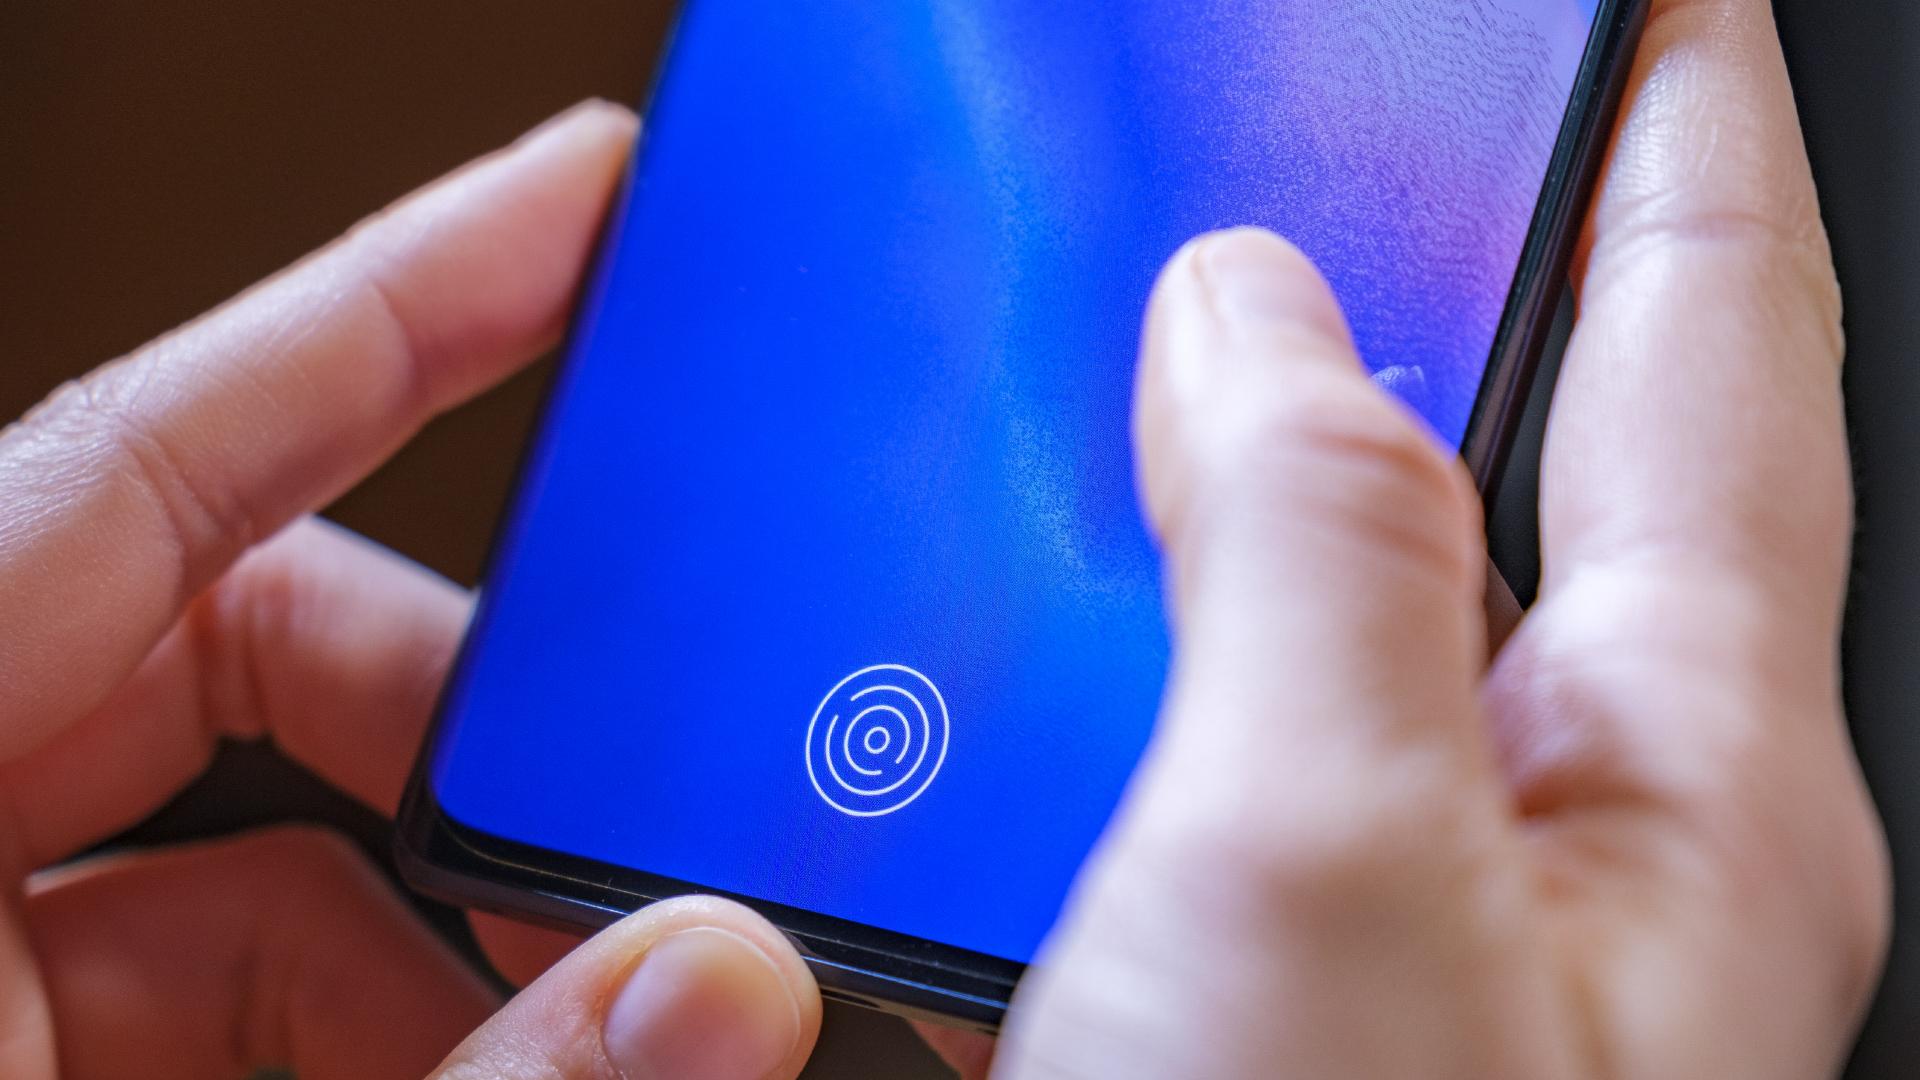 OPPO Find X3 Neo 5G Fingerprint Reader Leser